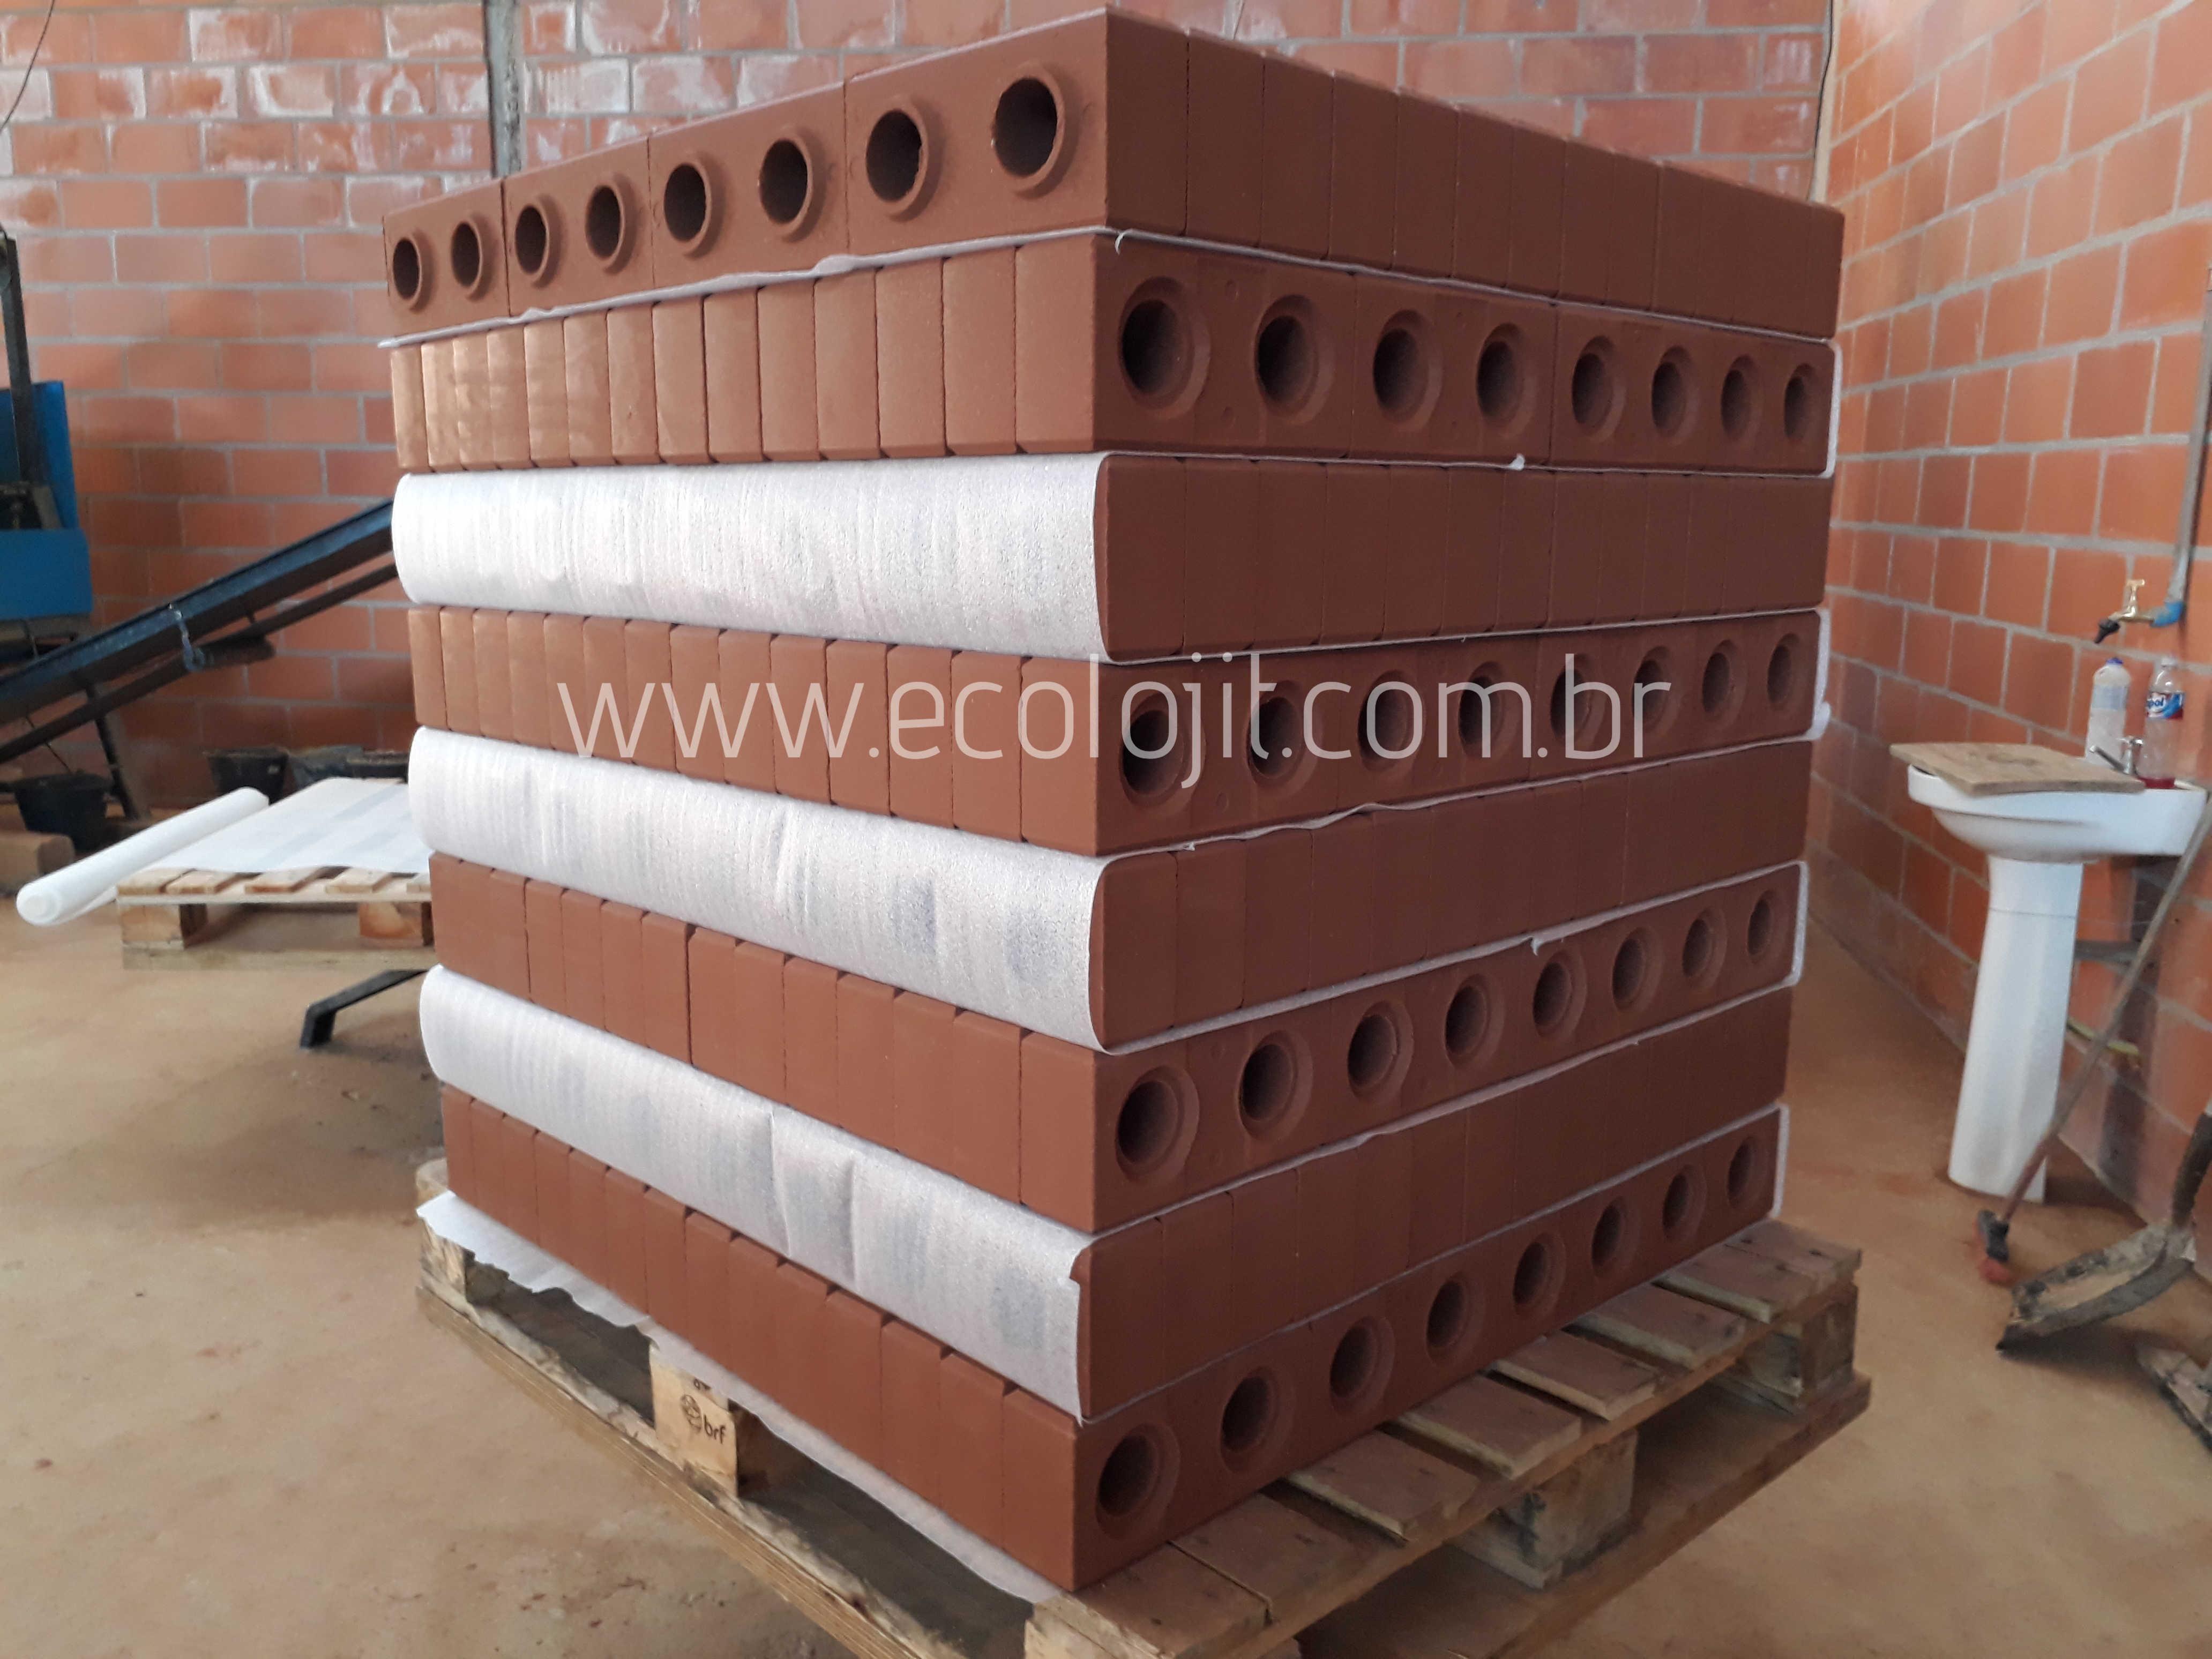 Fabricação do tijolo ecológico EcolojiT.